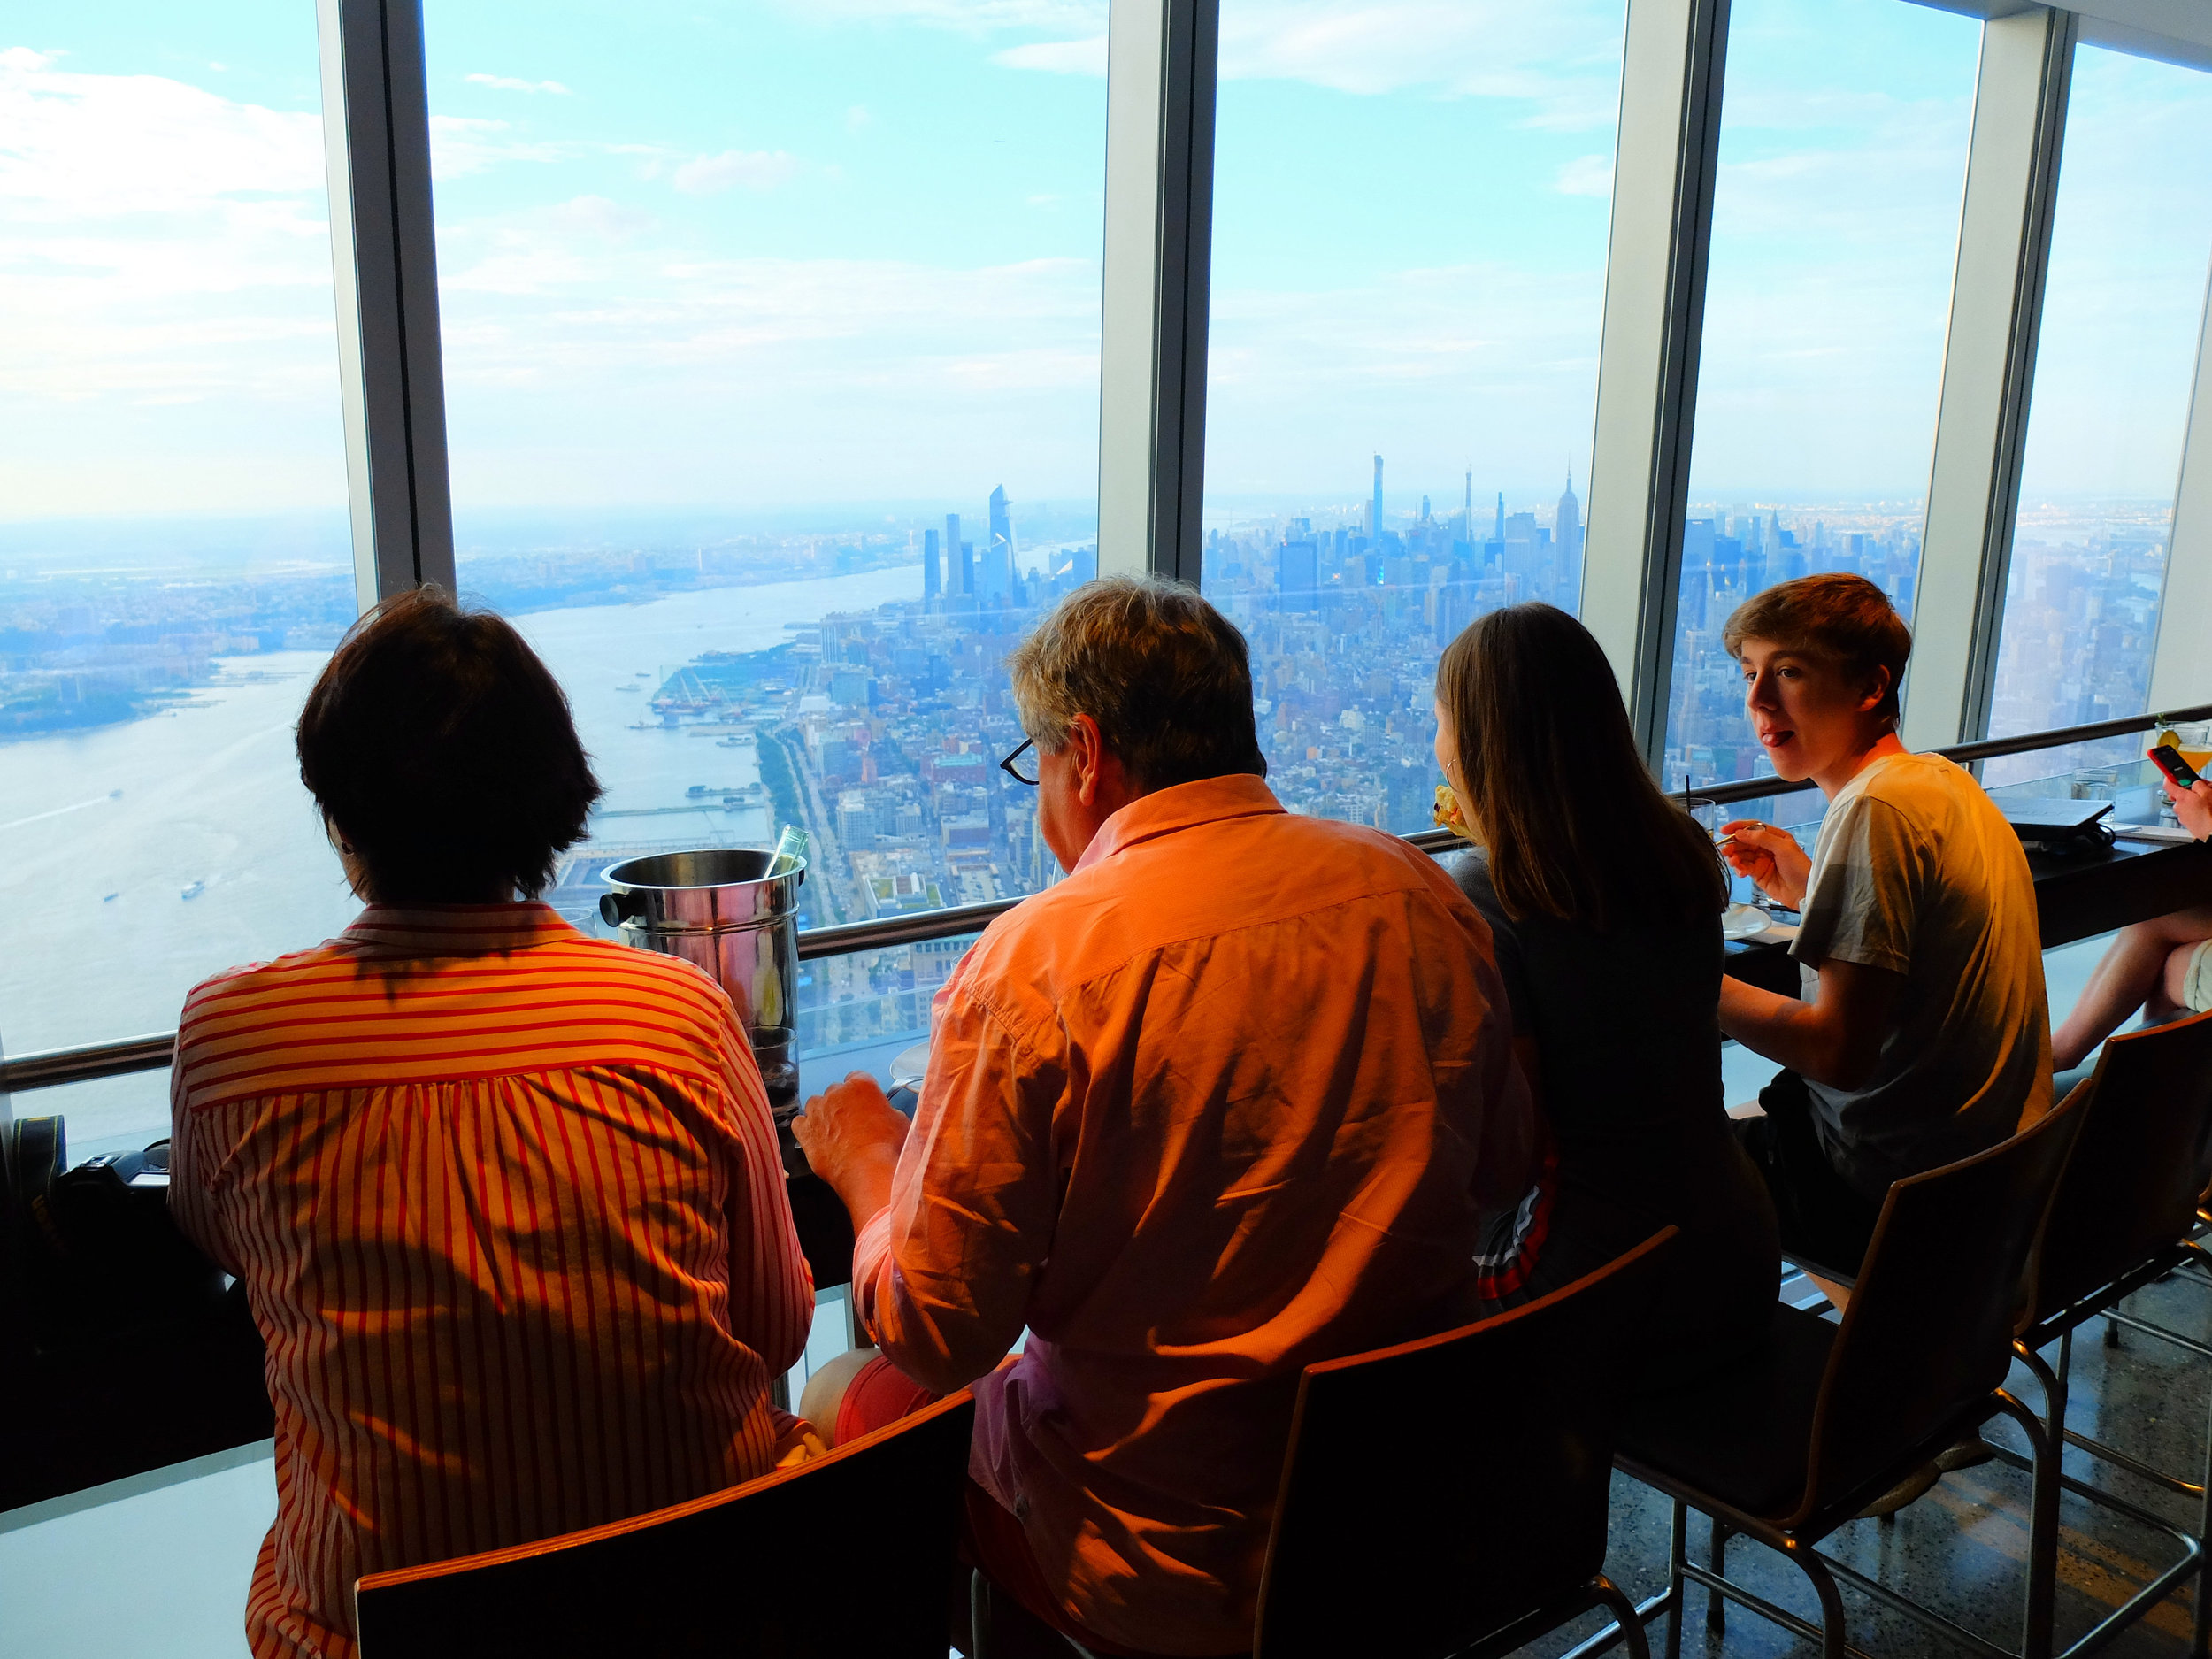 Photo courtesy of Eric from  NewYork.co.uk